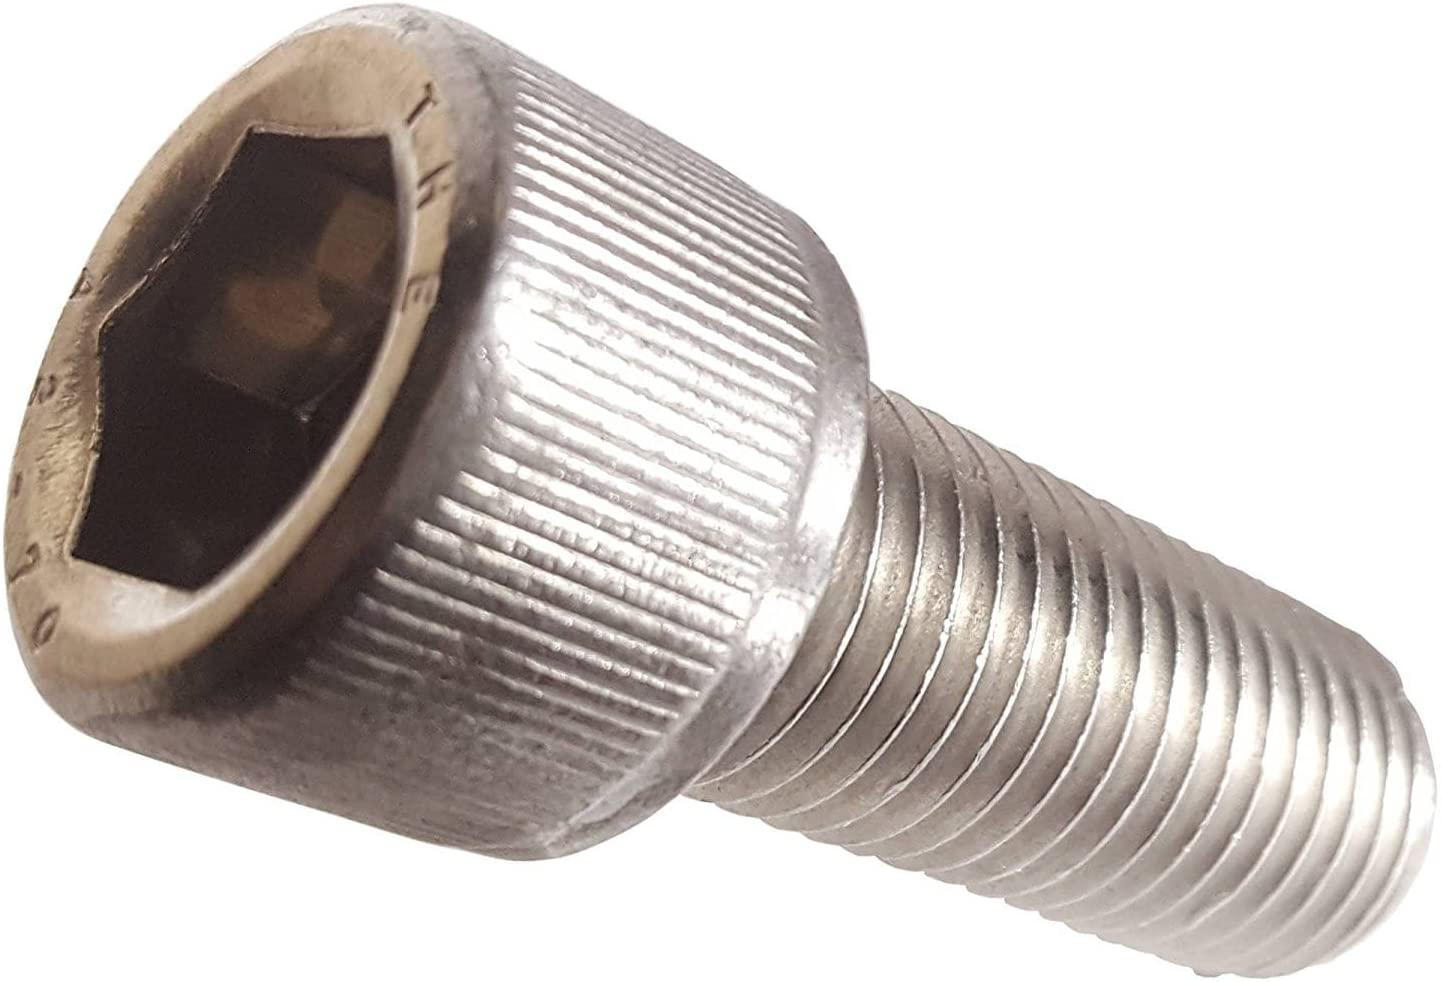 Socket Head Cap Screw, 10-24 x 1